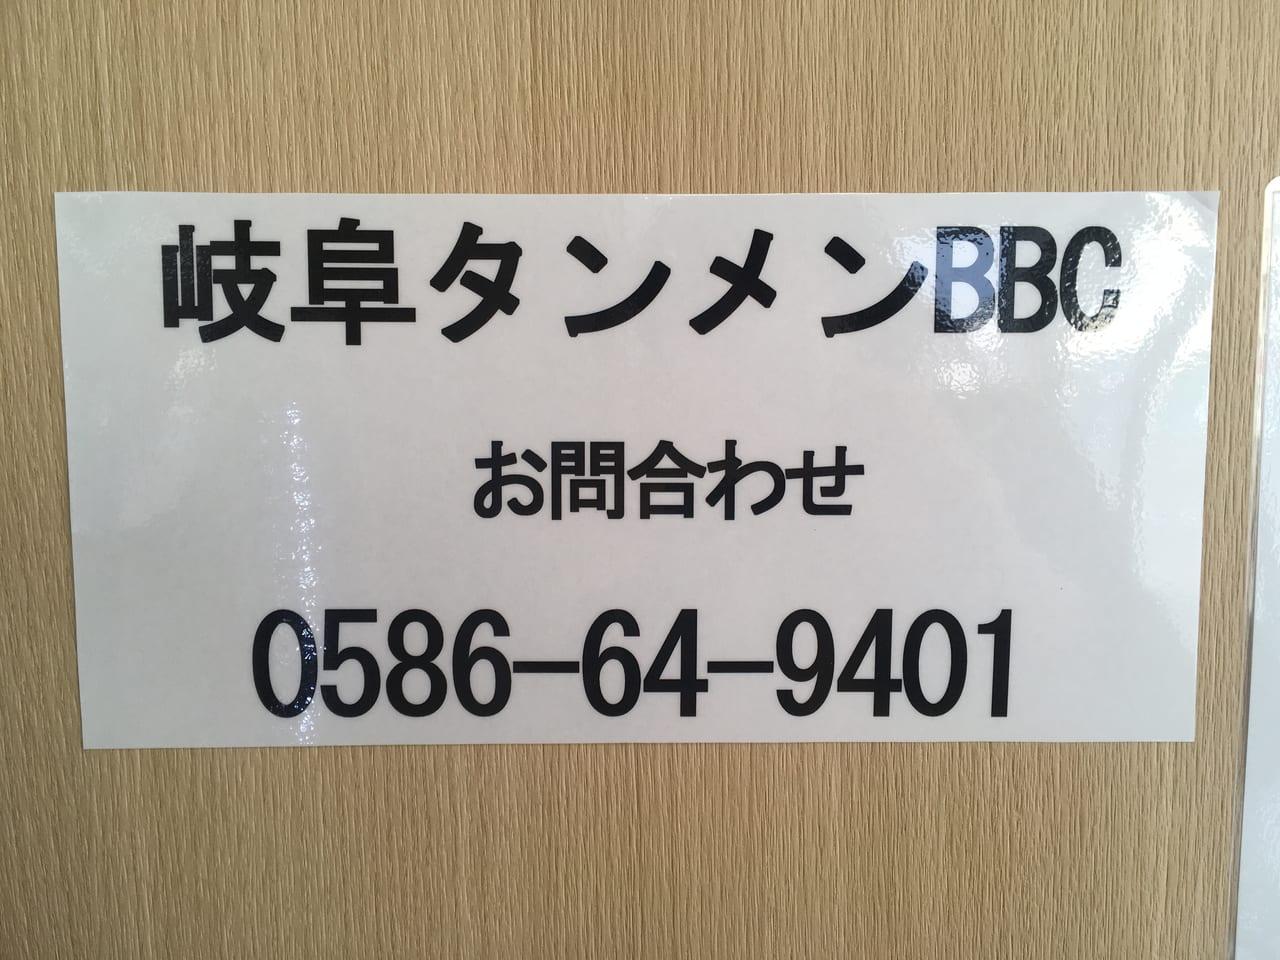 岐阜タンメン にんにく餃子 24時間無人販売所の電話番号